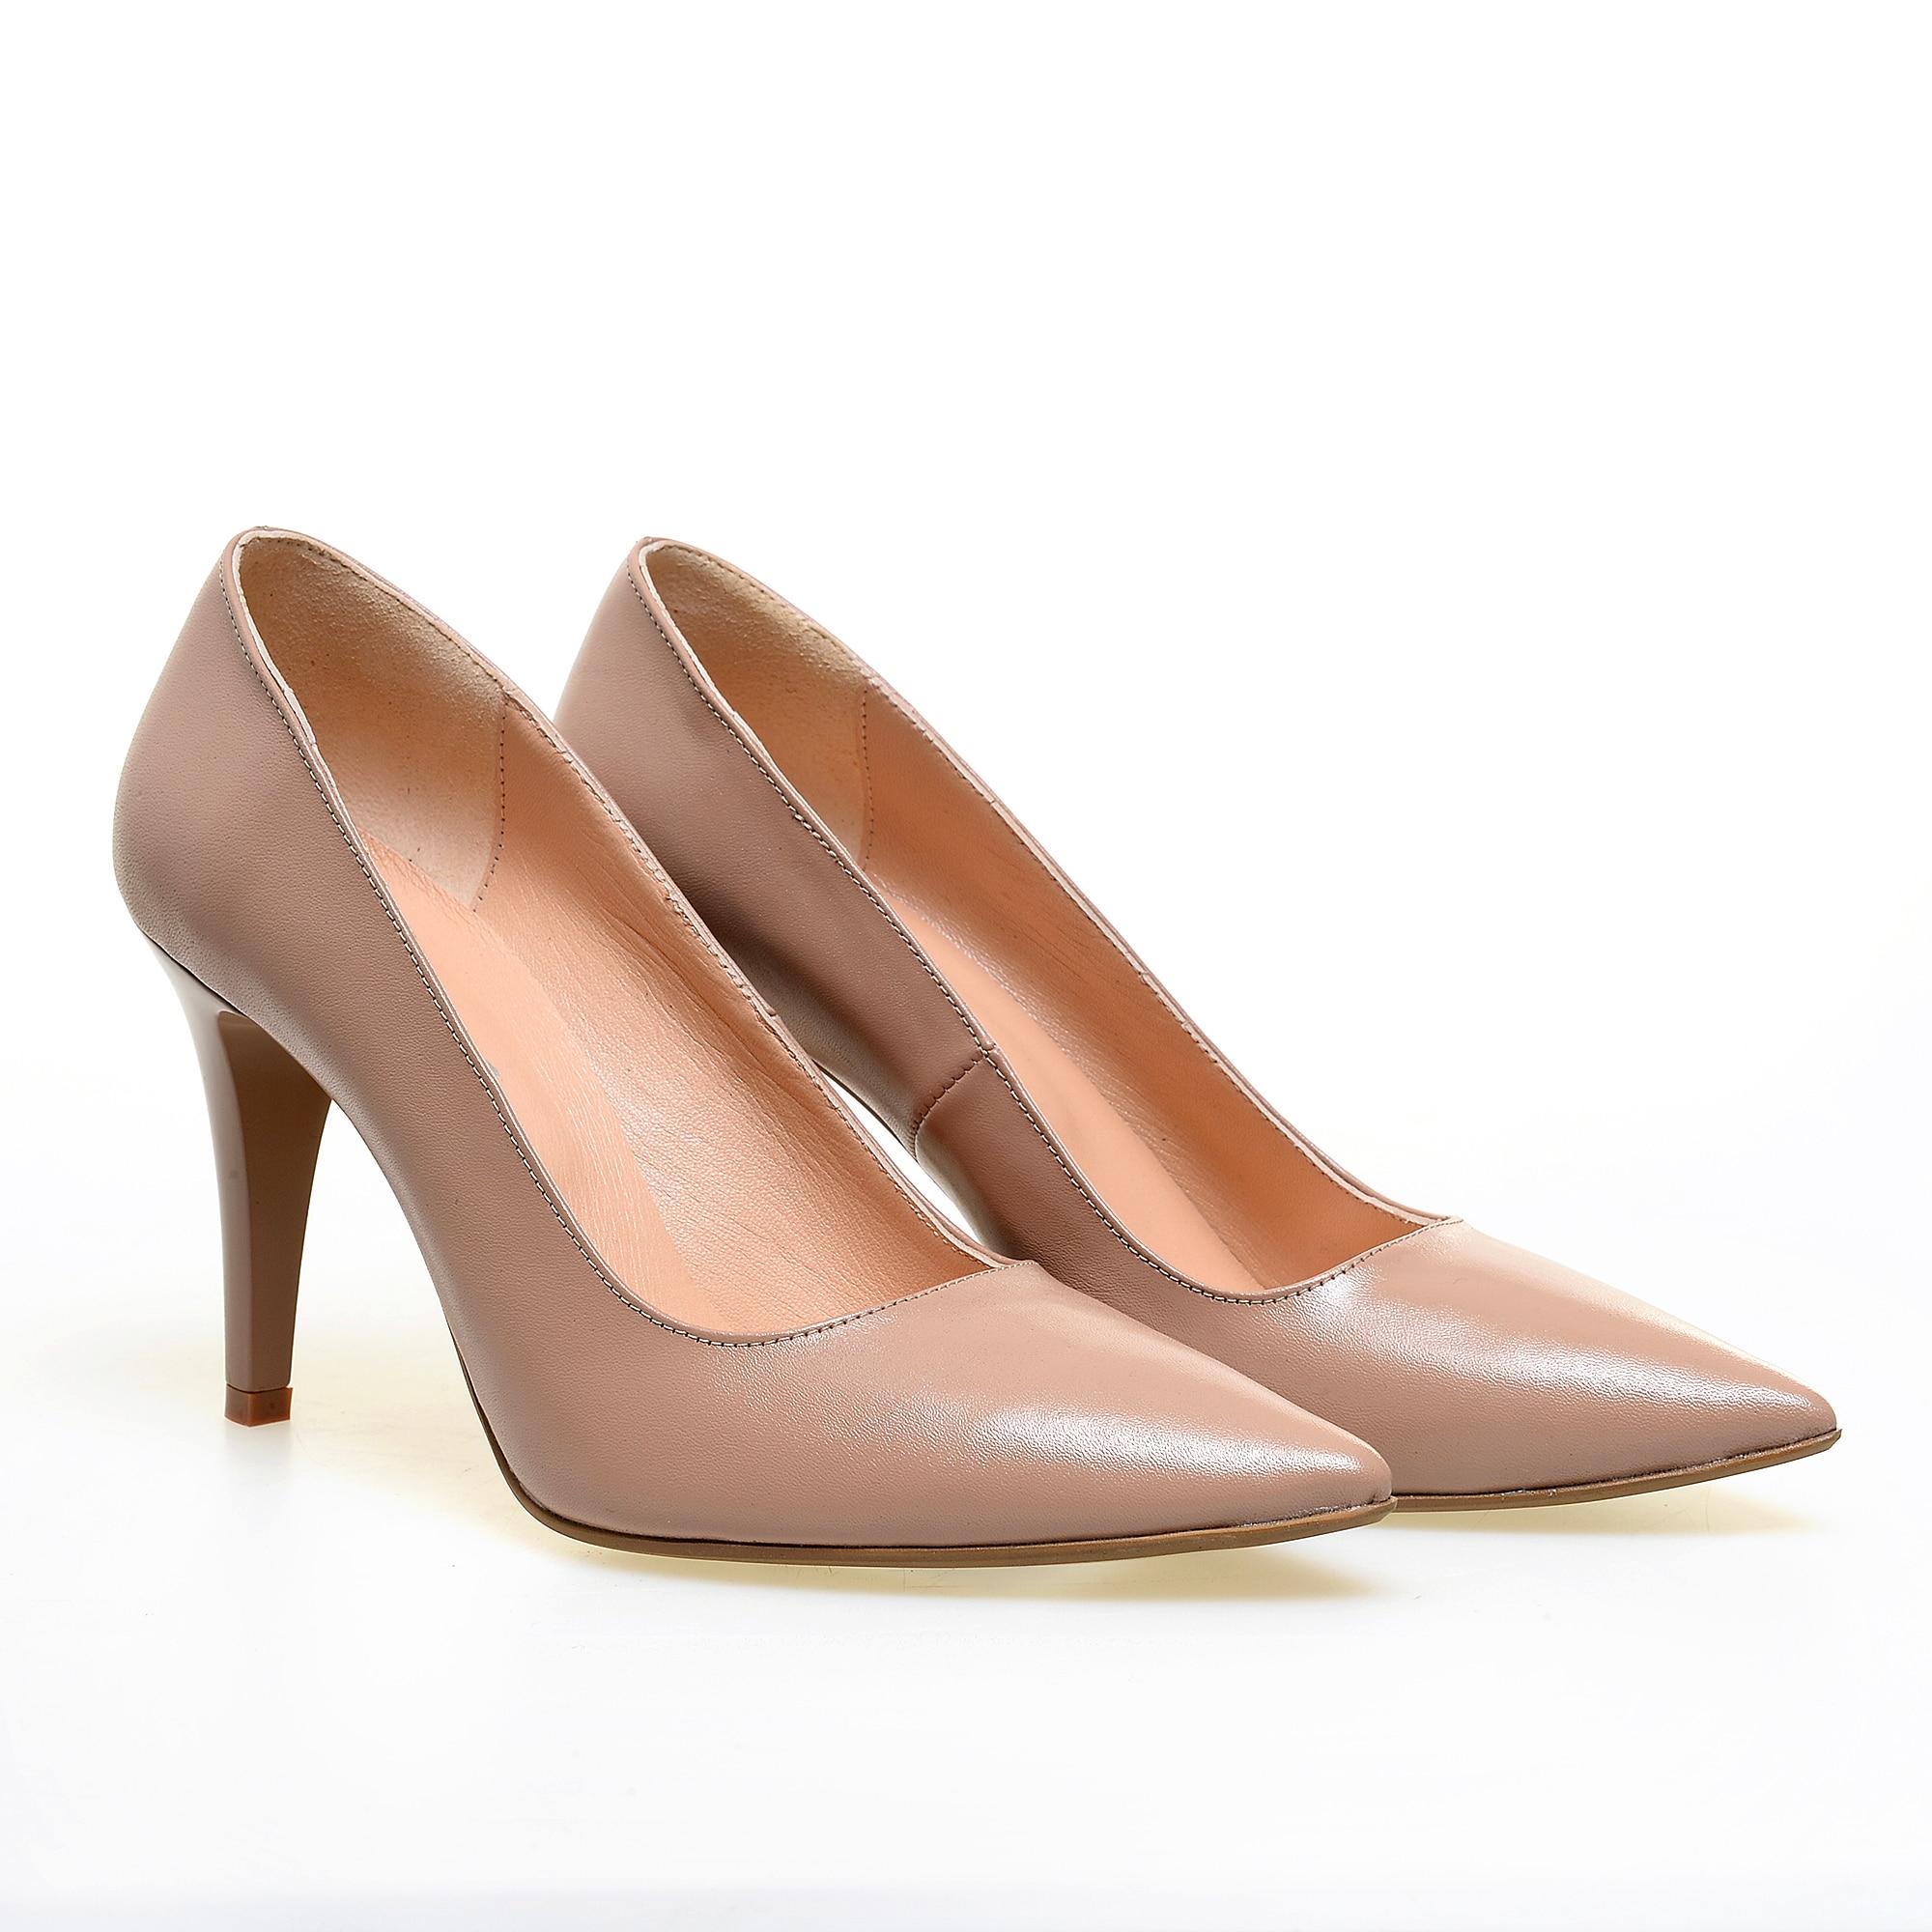 selecție premium cel mai bun furnizor priza de fabrica Pantofi cu toc nude de dama RELEASE, 9.5 cm 38 - eMAG.ro